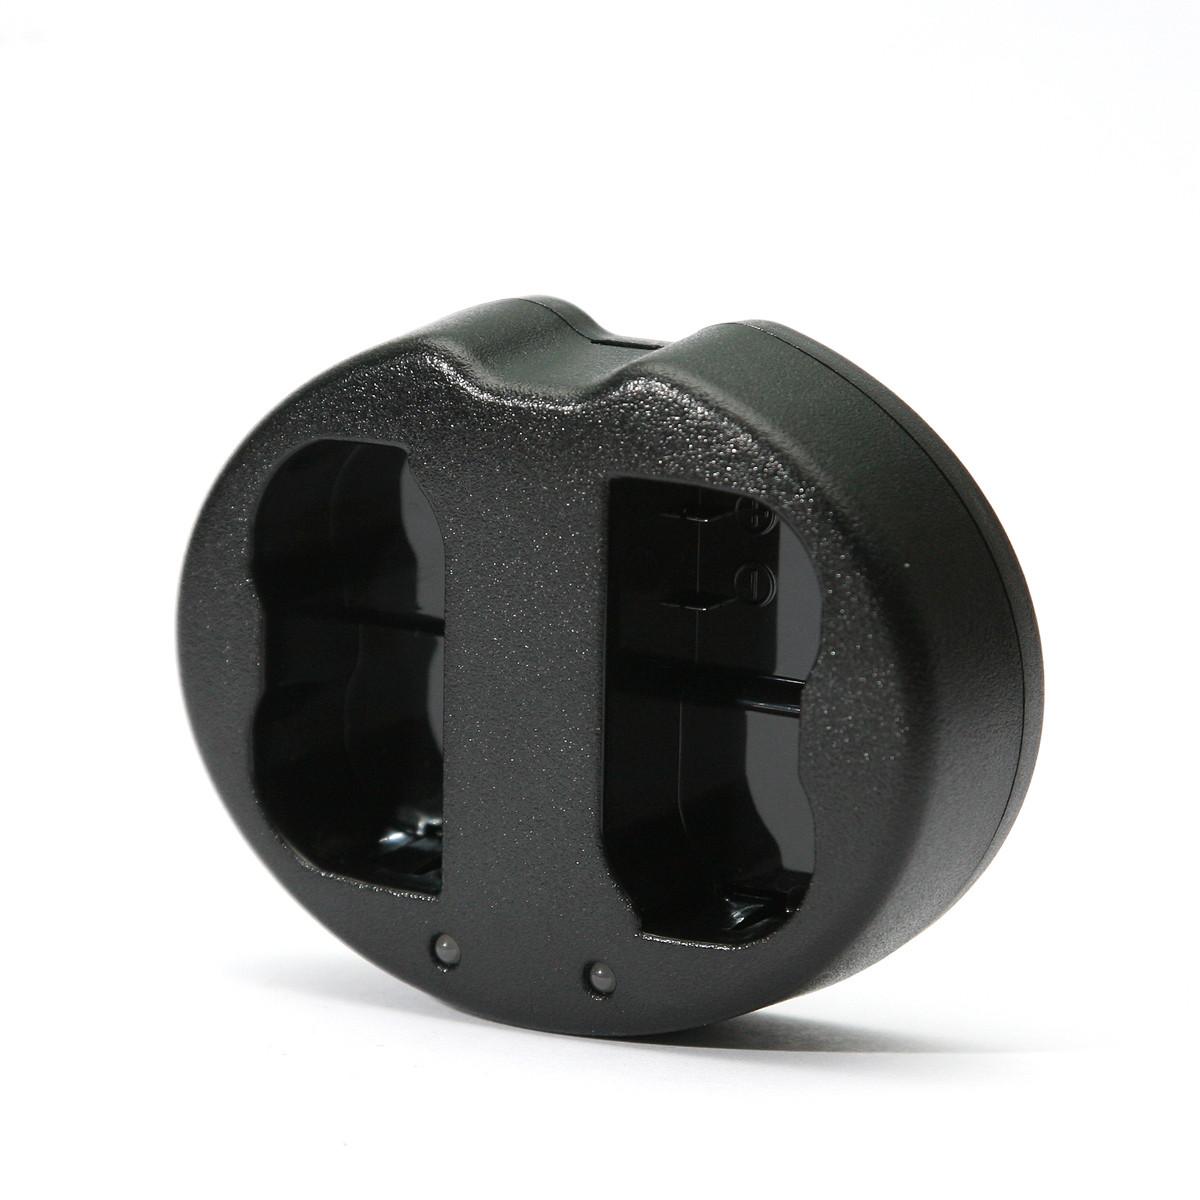 Зарядное устройство PowerPlant Dual Canon LP-E8 для двух аккумуляторов